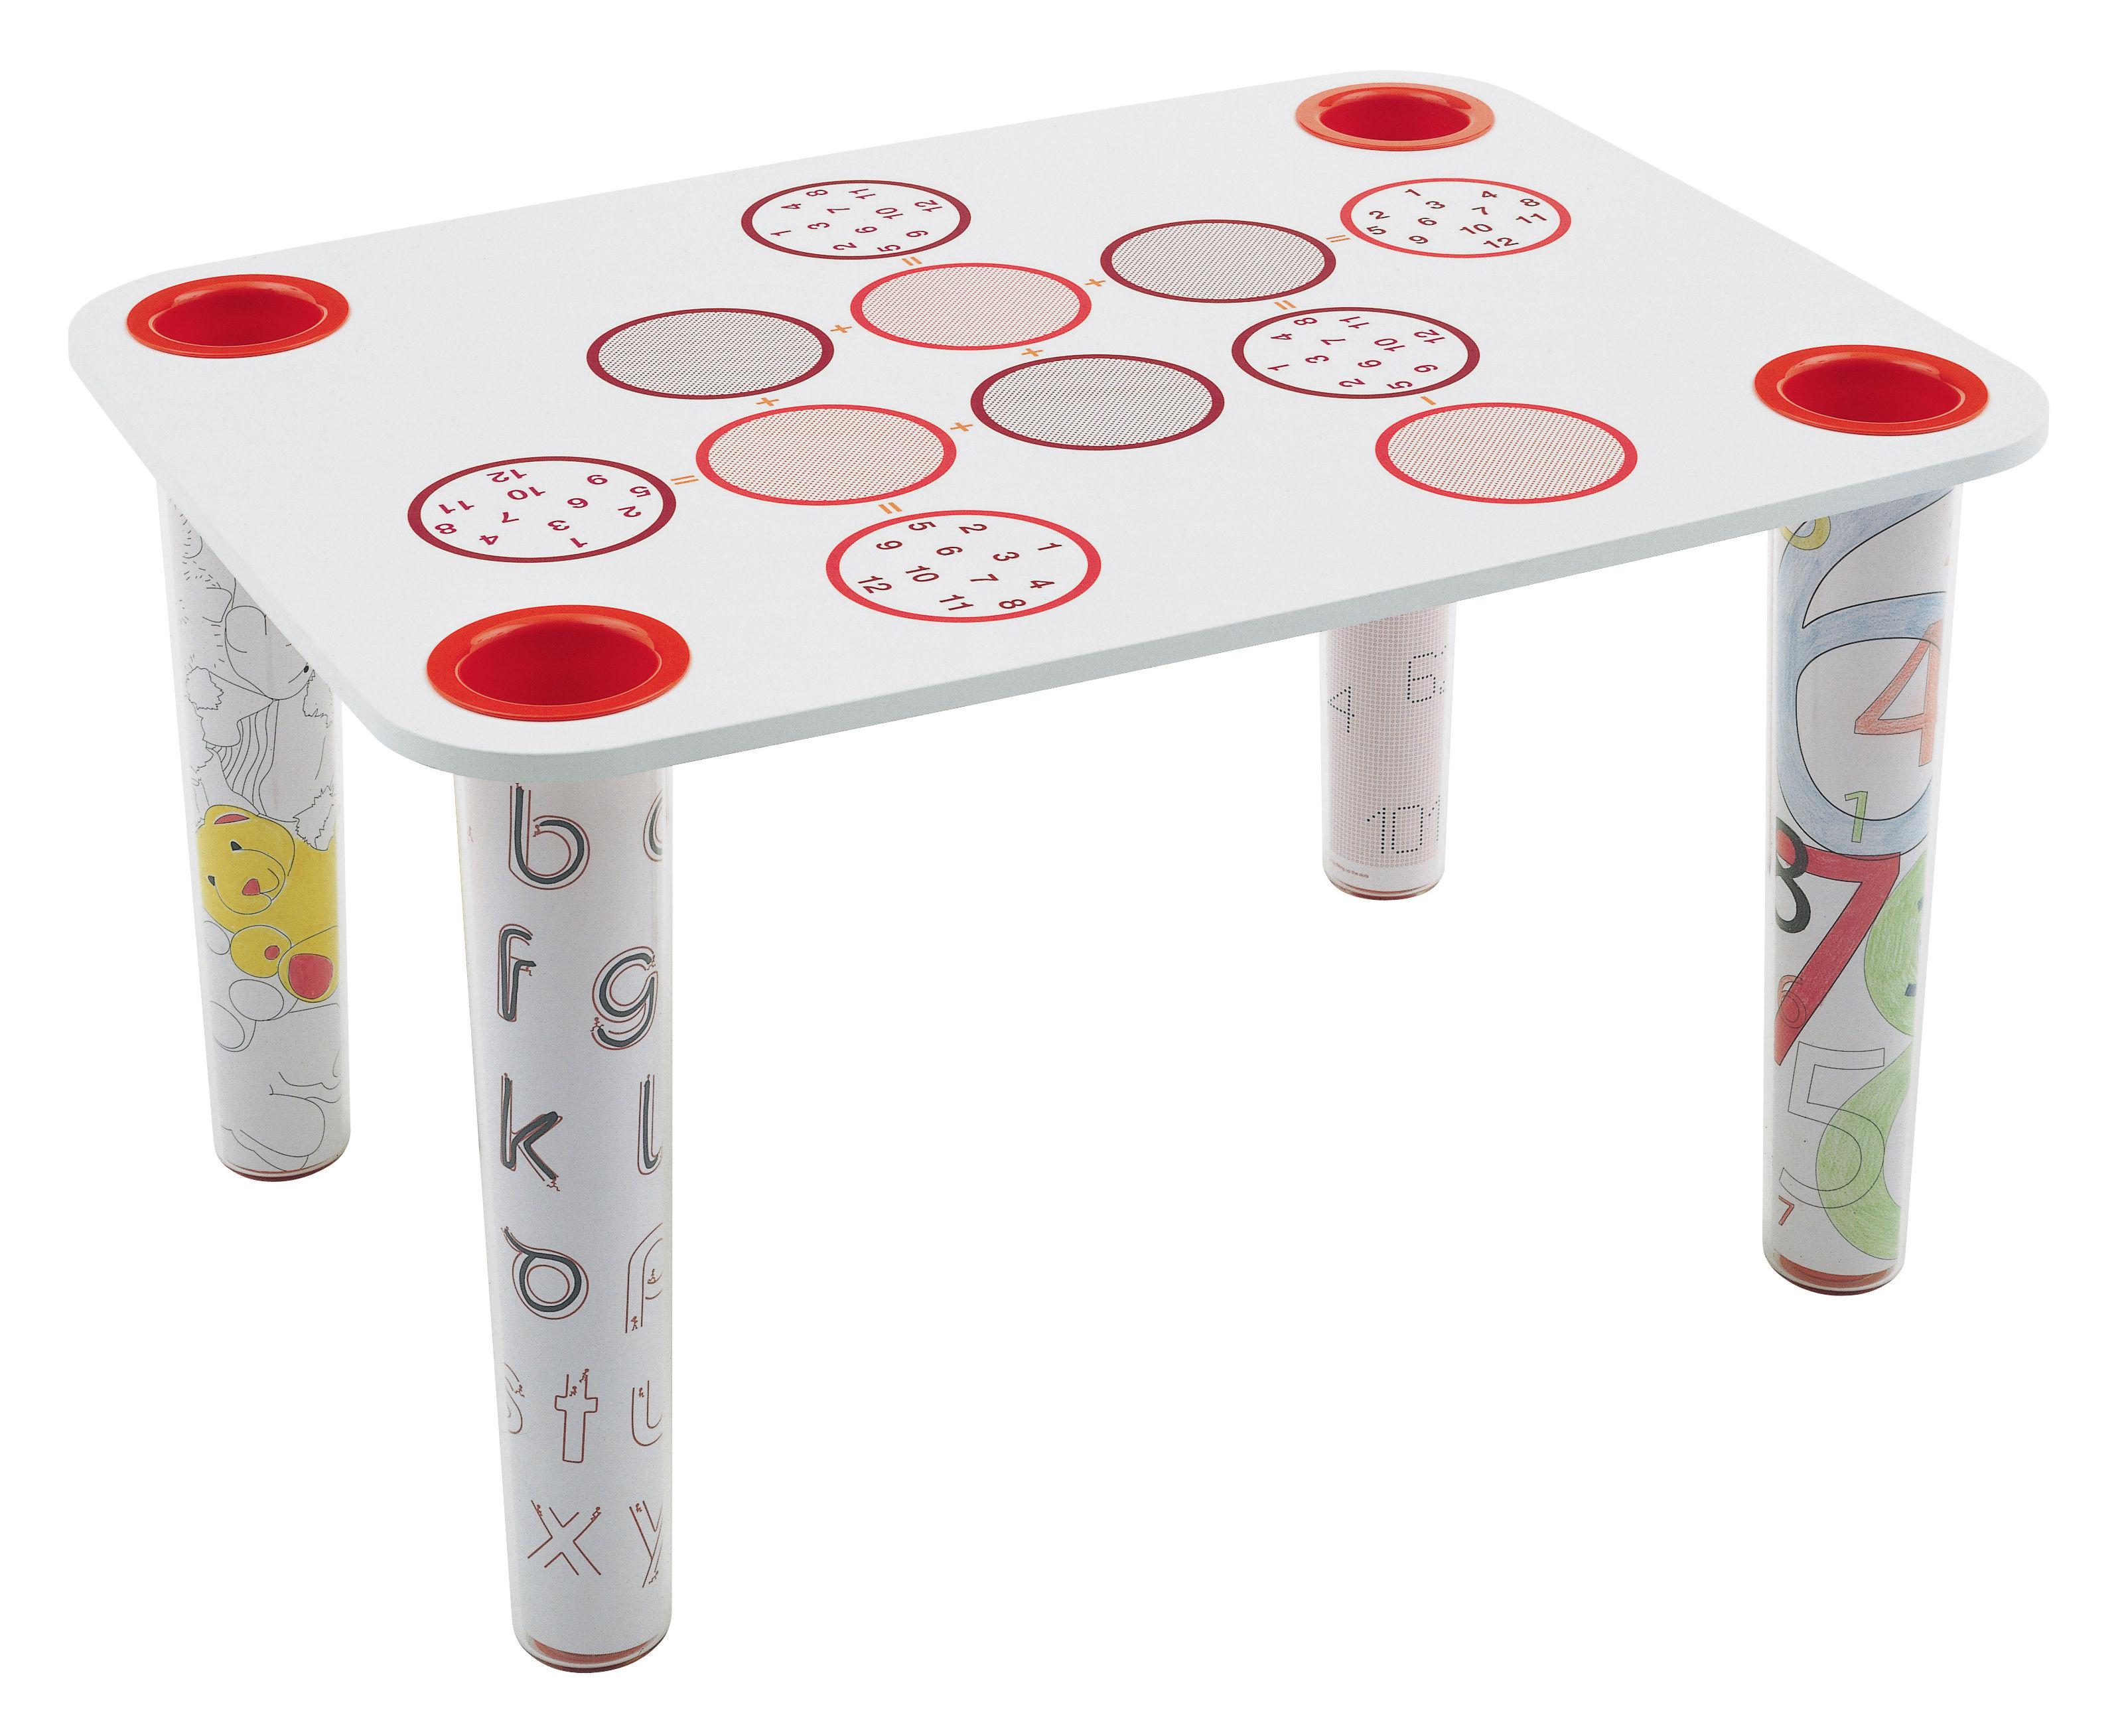 Arredamento - Mobili per bambini - Accessorio tavolo - Per tavolo Little Flare di Magis Collection Me Too - Piano decorazione Cerchi - MDF finitura polimero